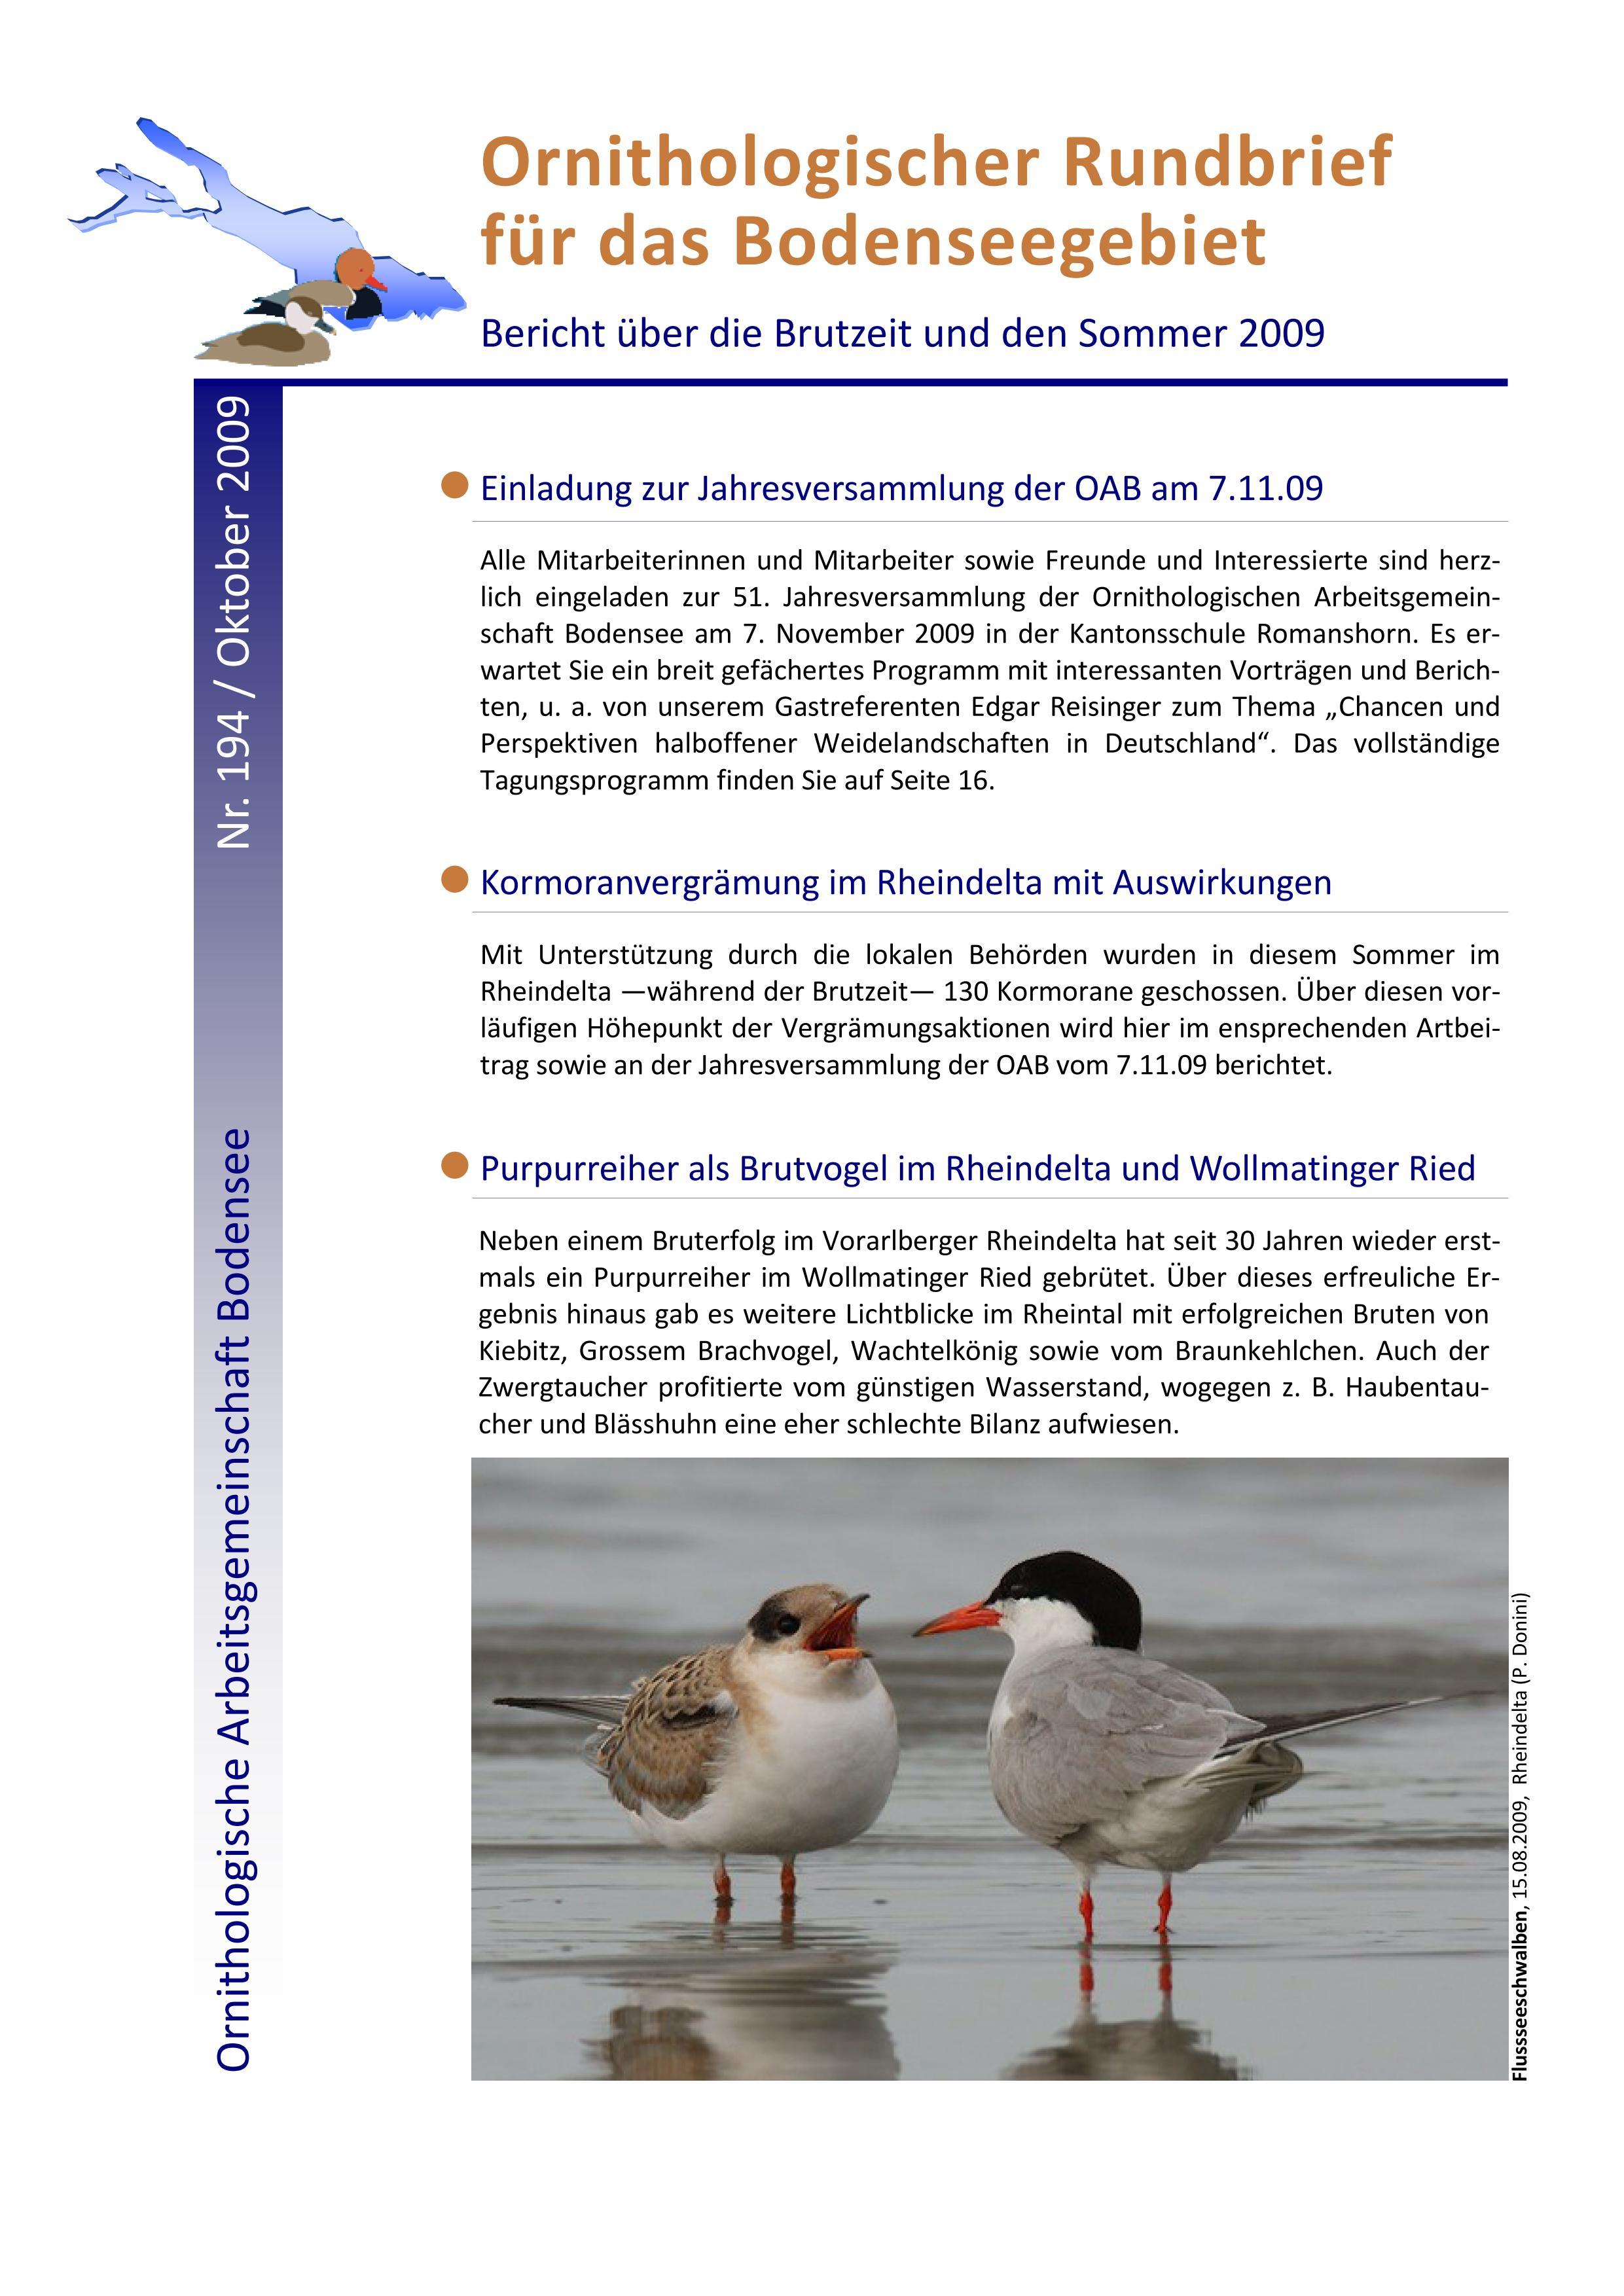 OR 194 Brutzeit und Sommer 2009_01